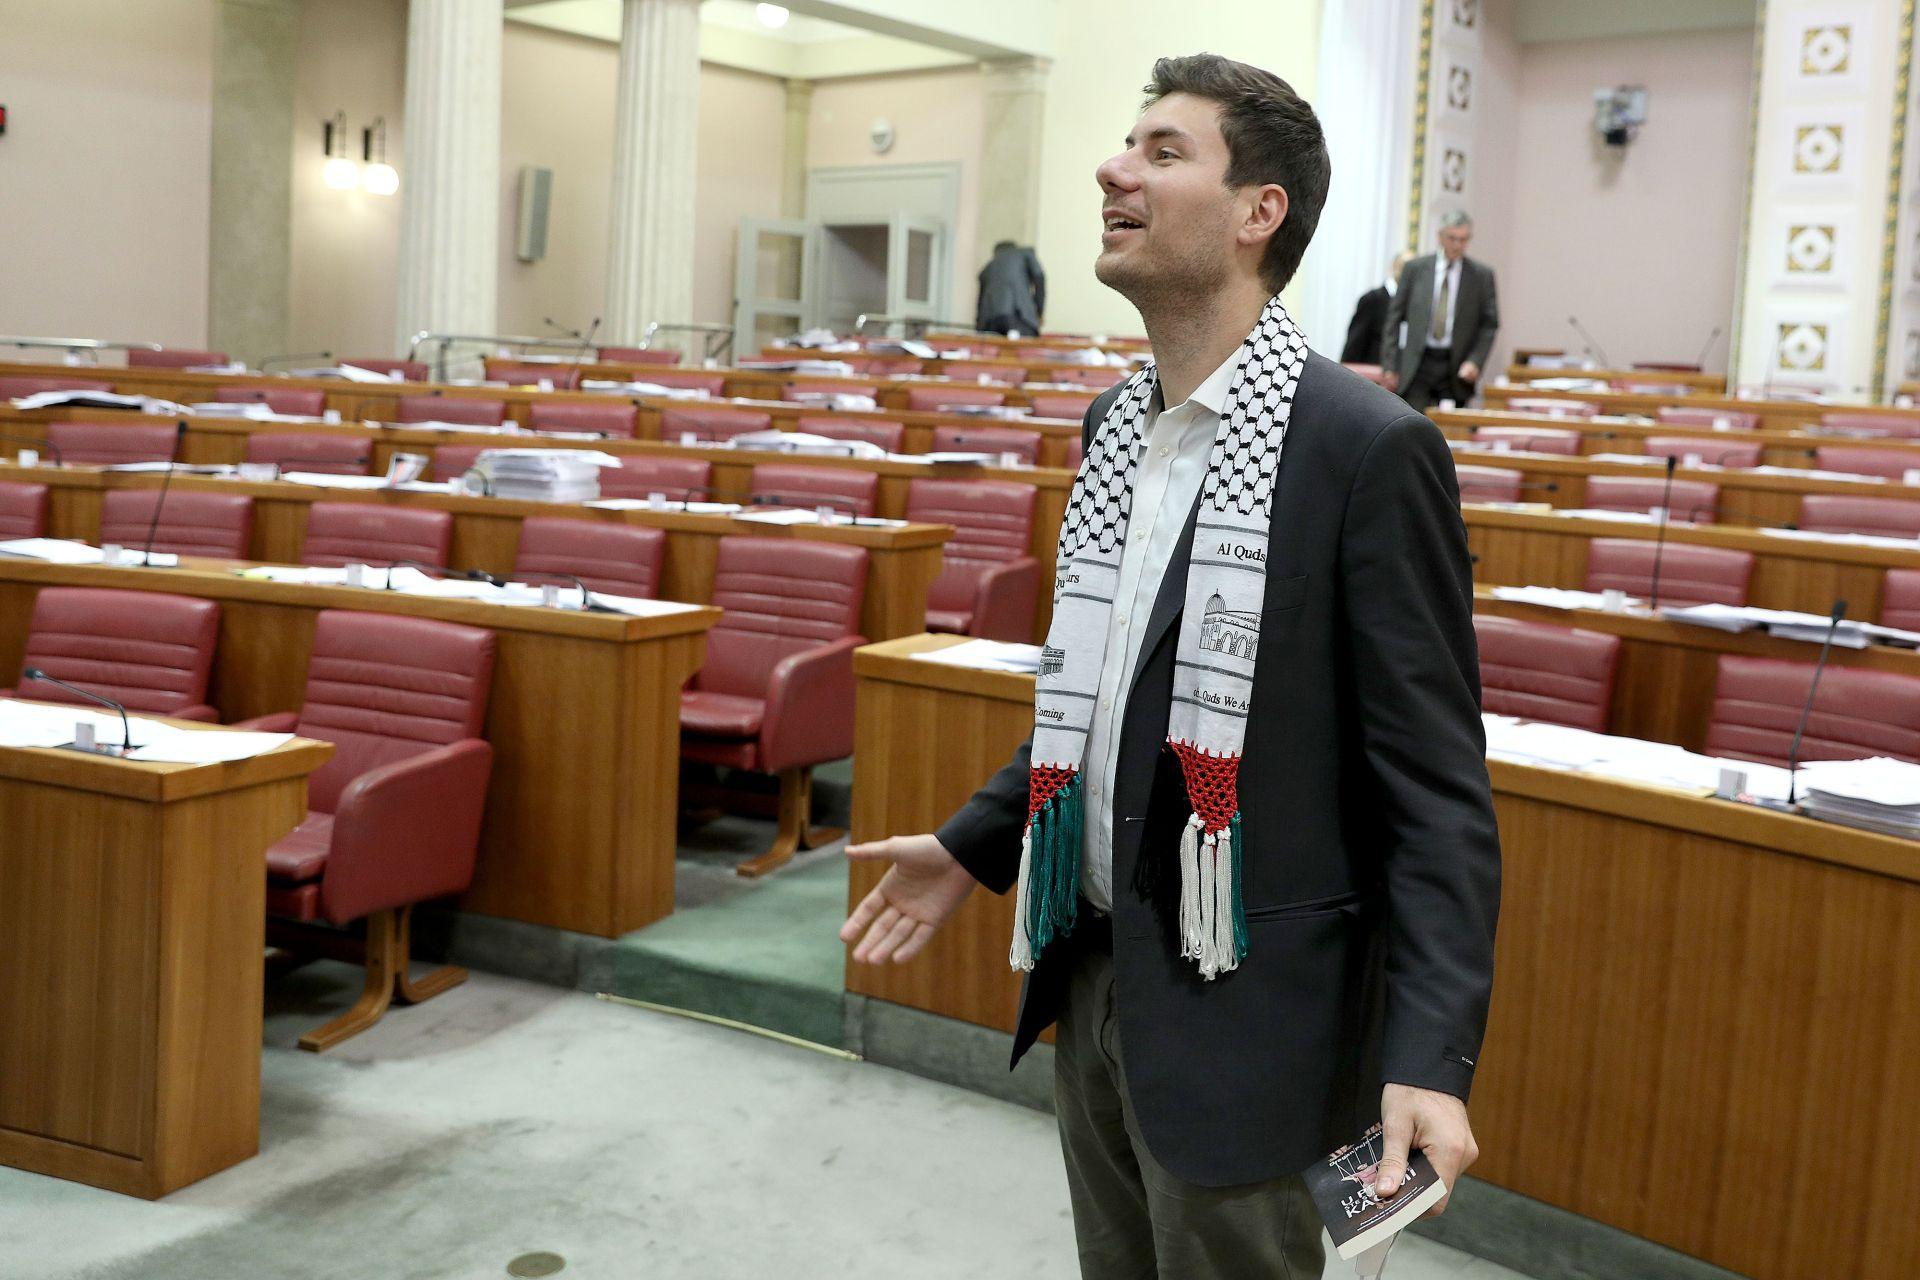 KOSOR O PERNARU: 'Pojava koja pokazuje kako razočarani birači posežu za nepoznanicama'